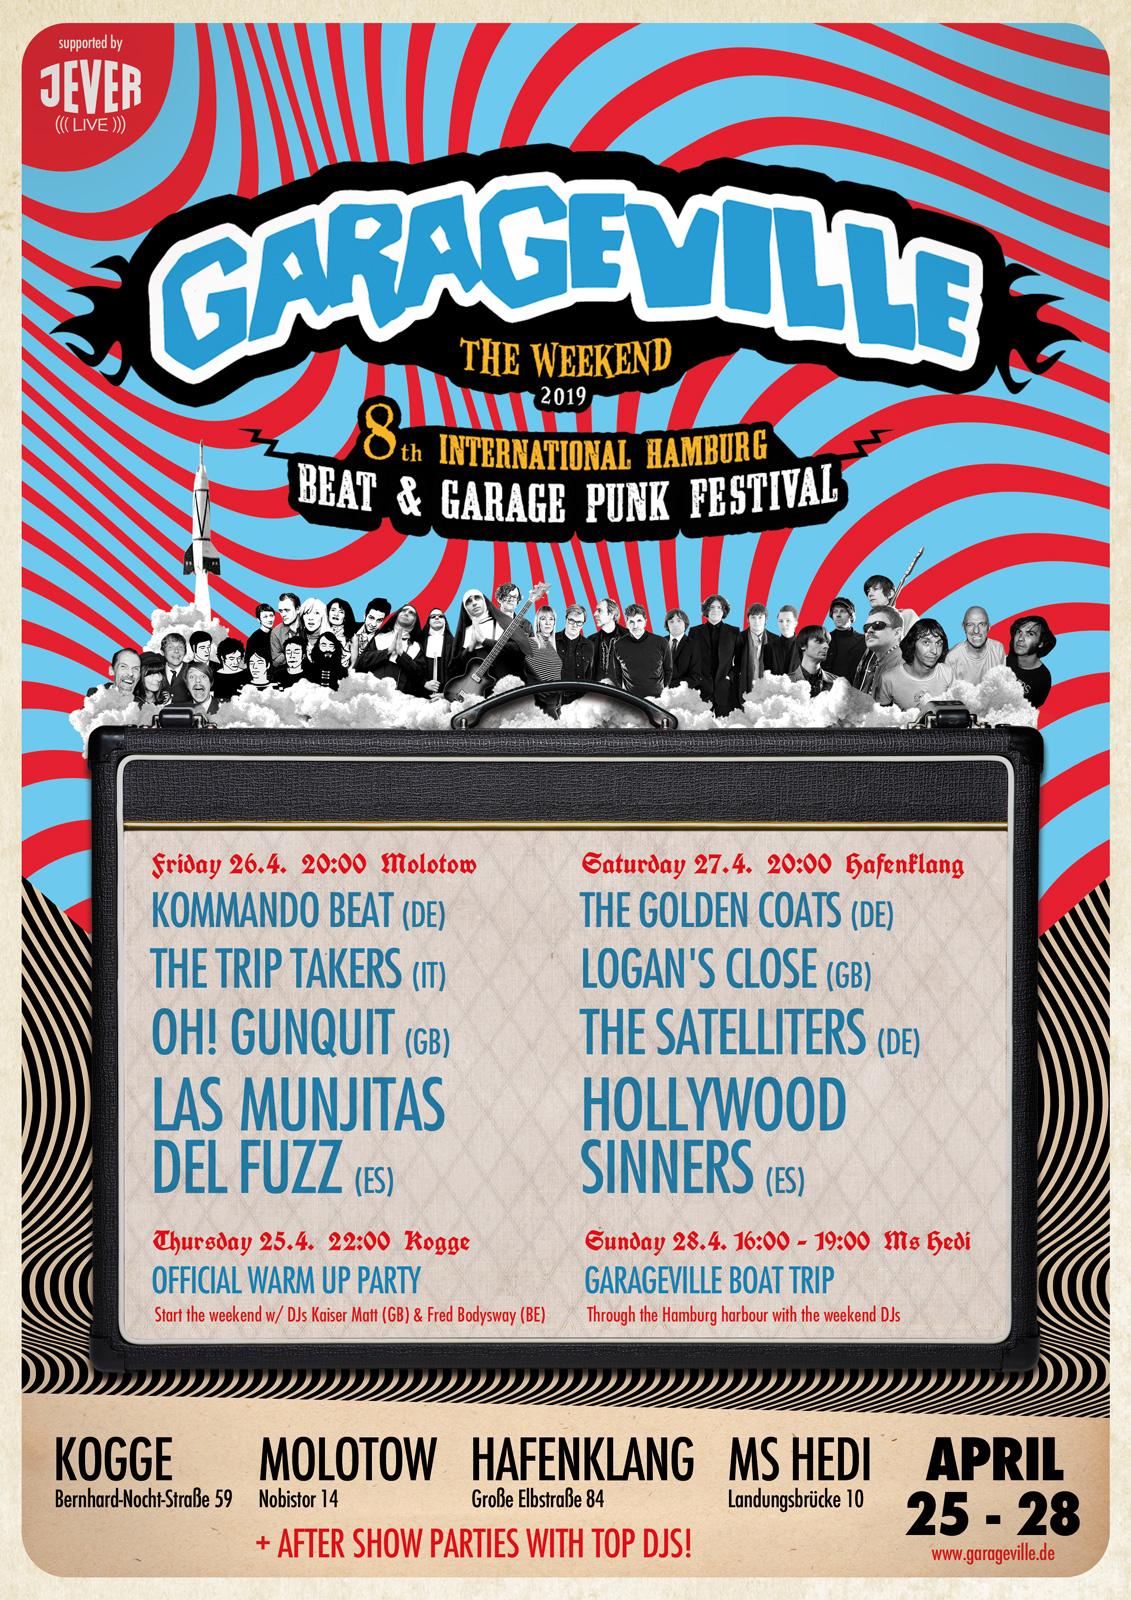 Preview: Garageville Saturday Day Ticket 2019